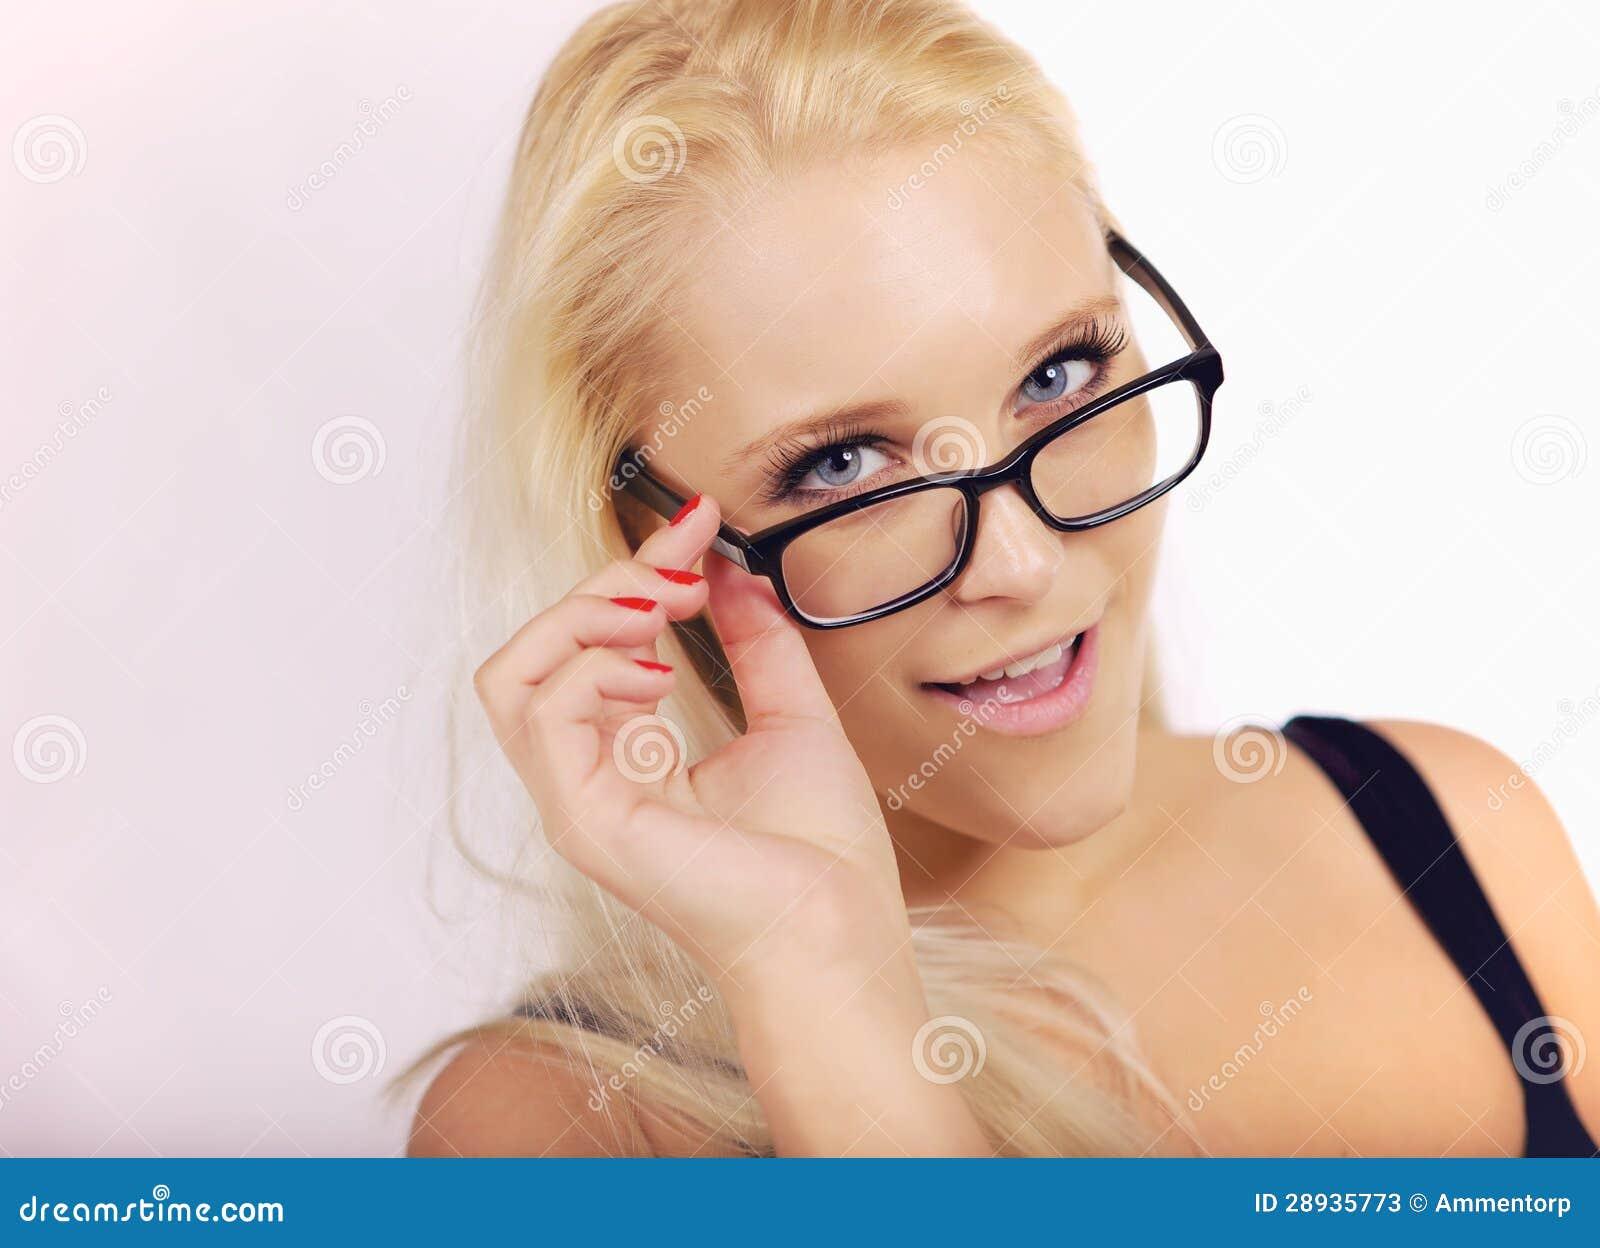 Ragazza graziosa che guarda molto astuta nei suoi occhiali